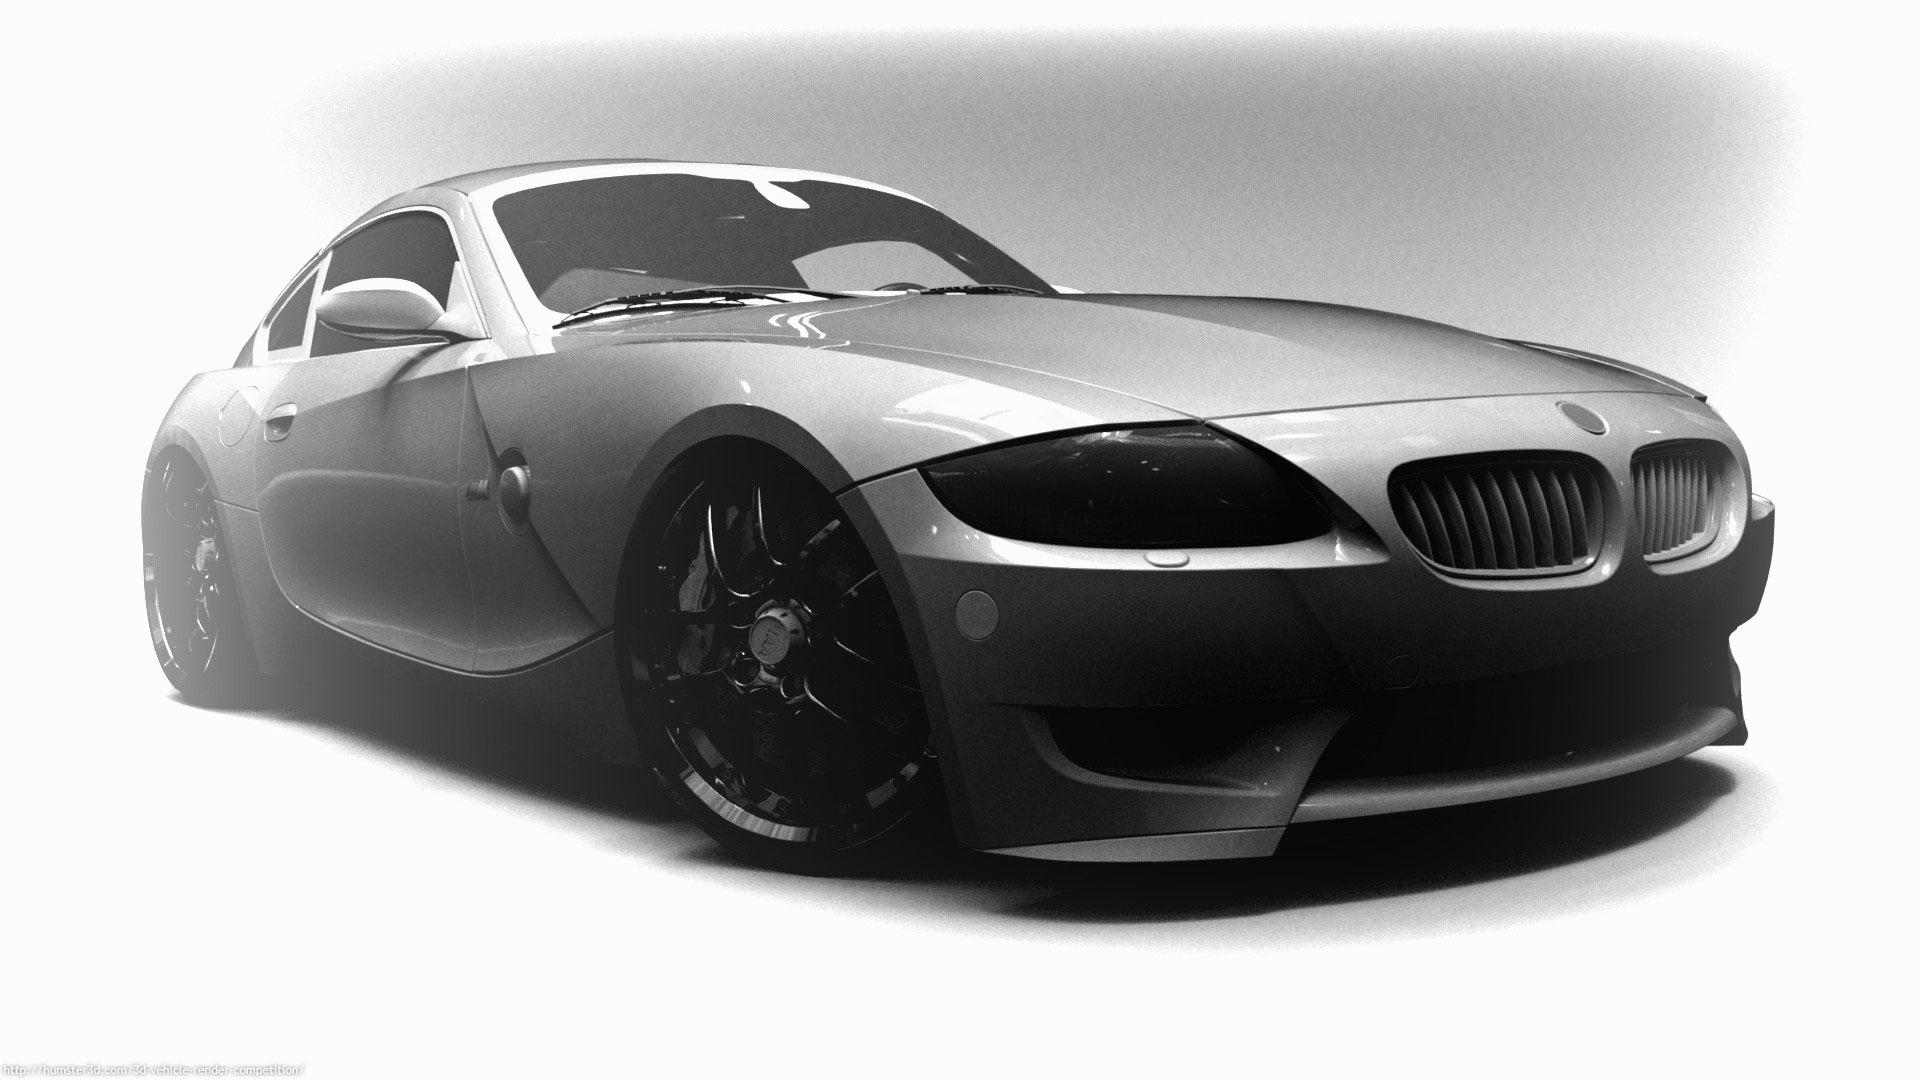 Z4 custom coupe 3d art